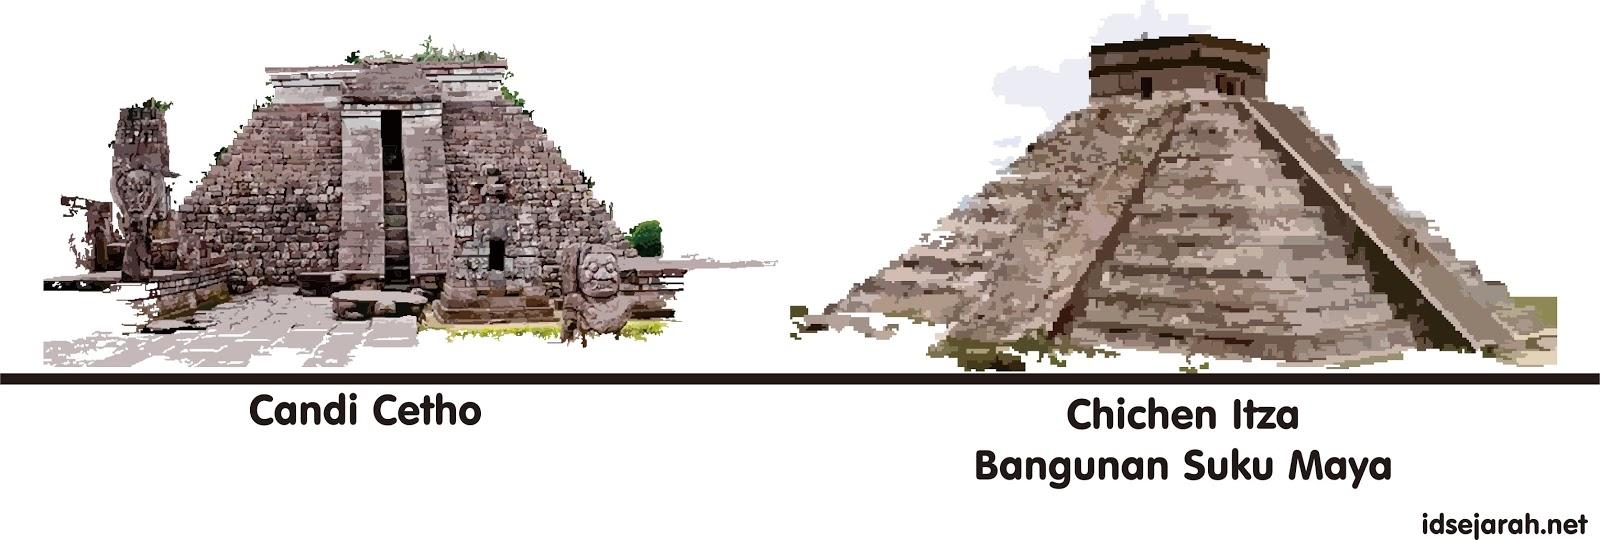 Candi Cetho Karanganyar Idsejarah Net